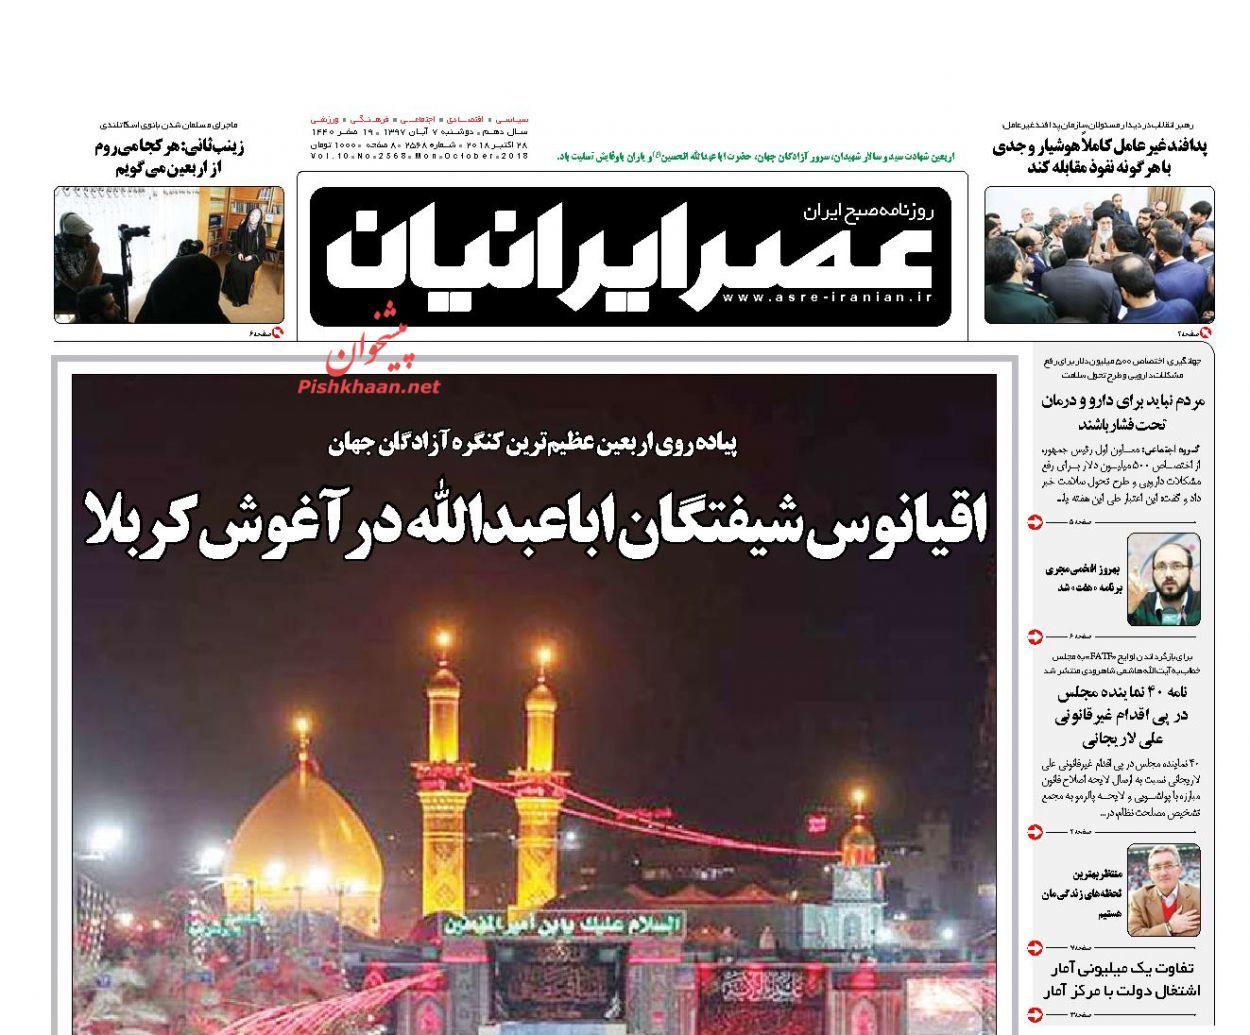 روزنامه های دوشنبه ۷ آبان ۹۷